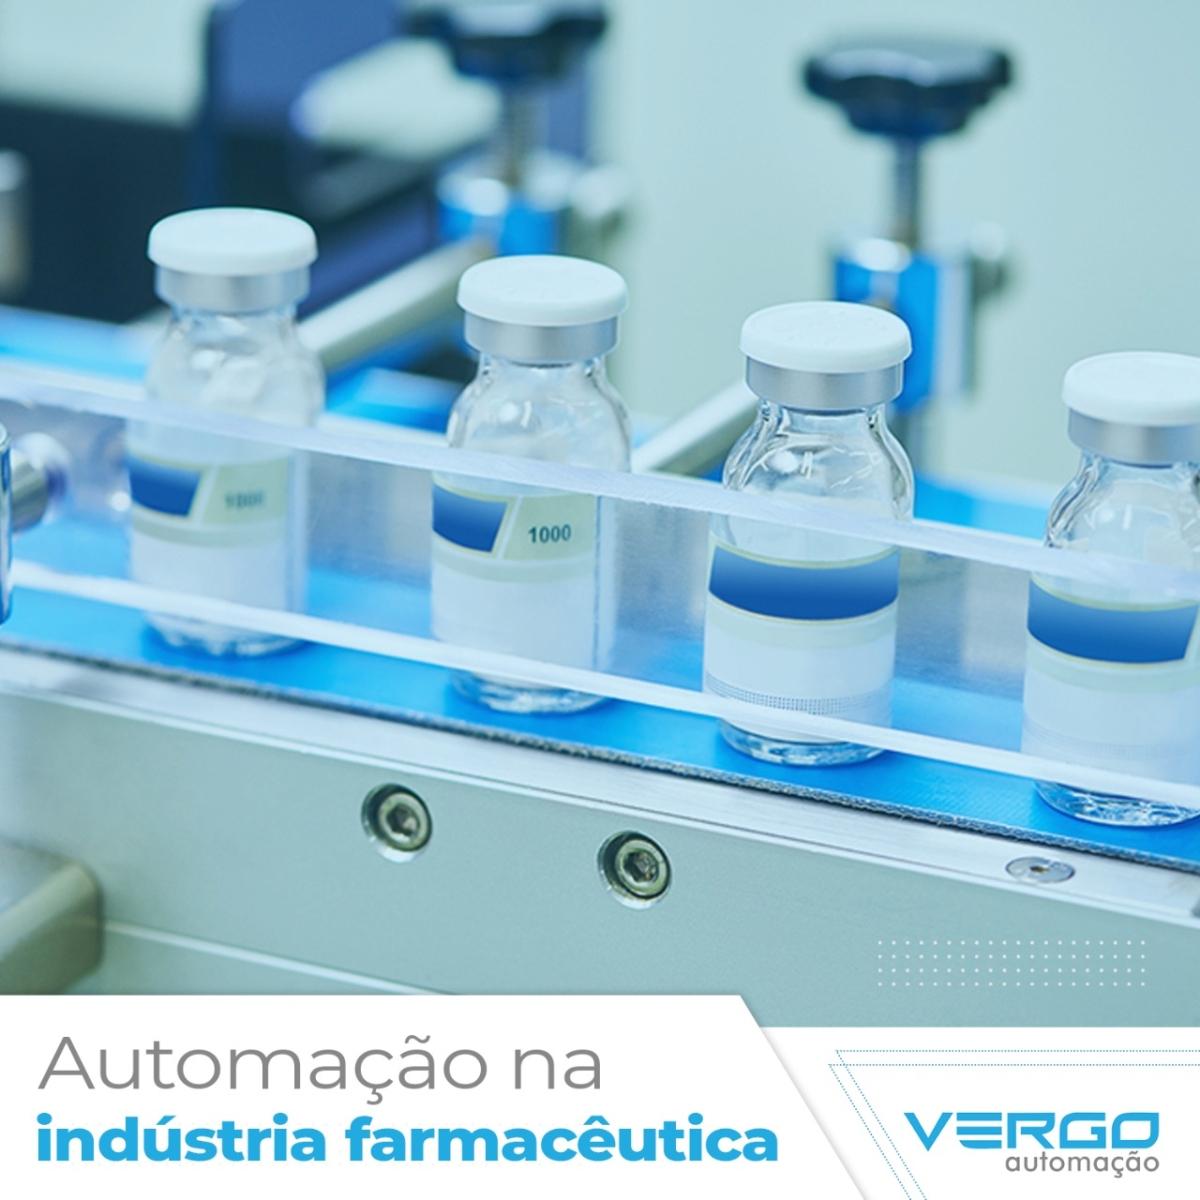 automacao-pneumatica-farmaceutica